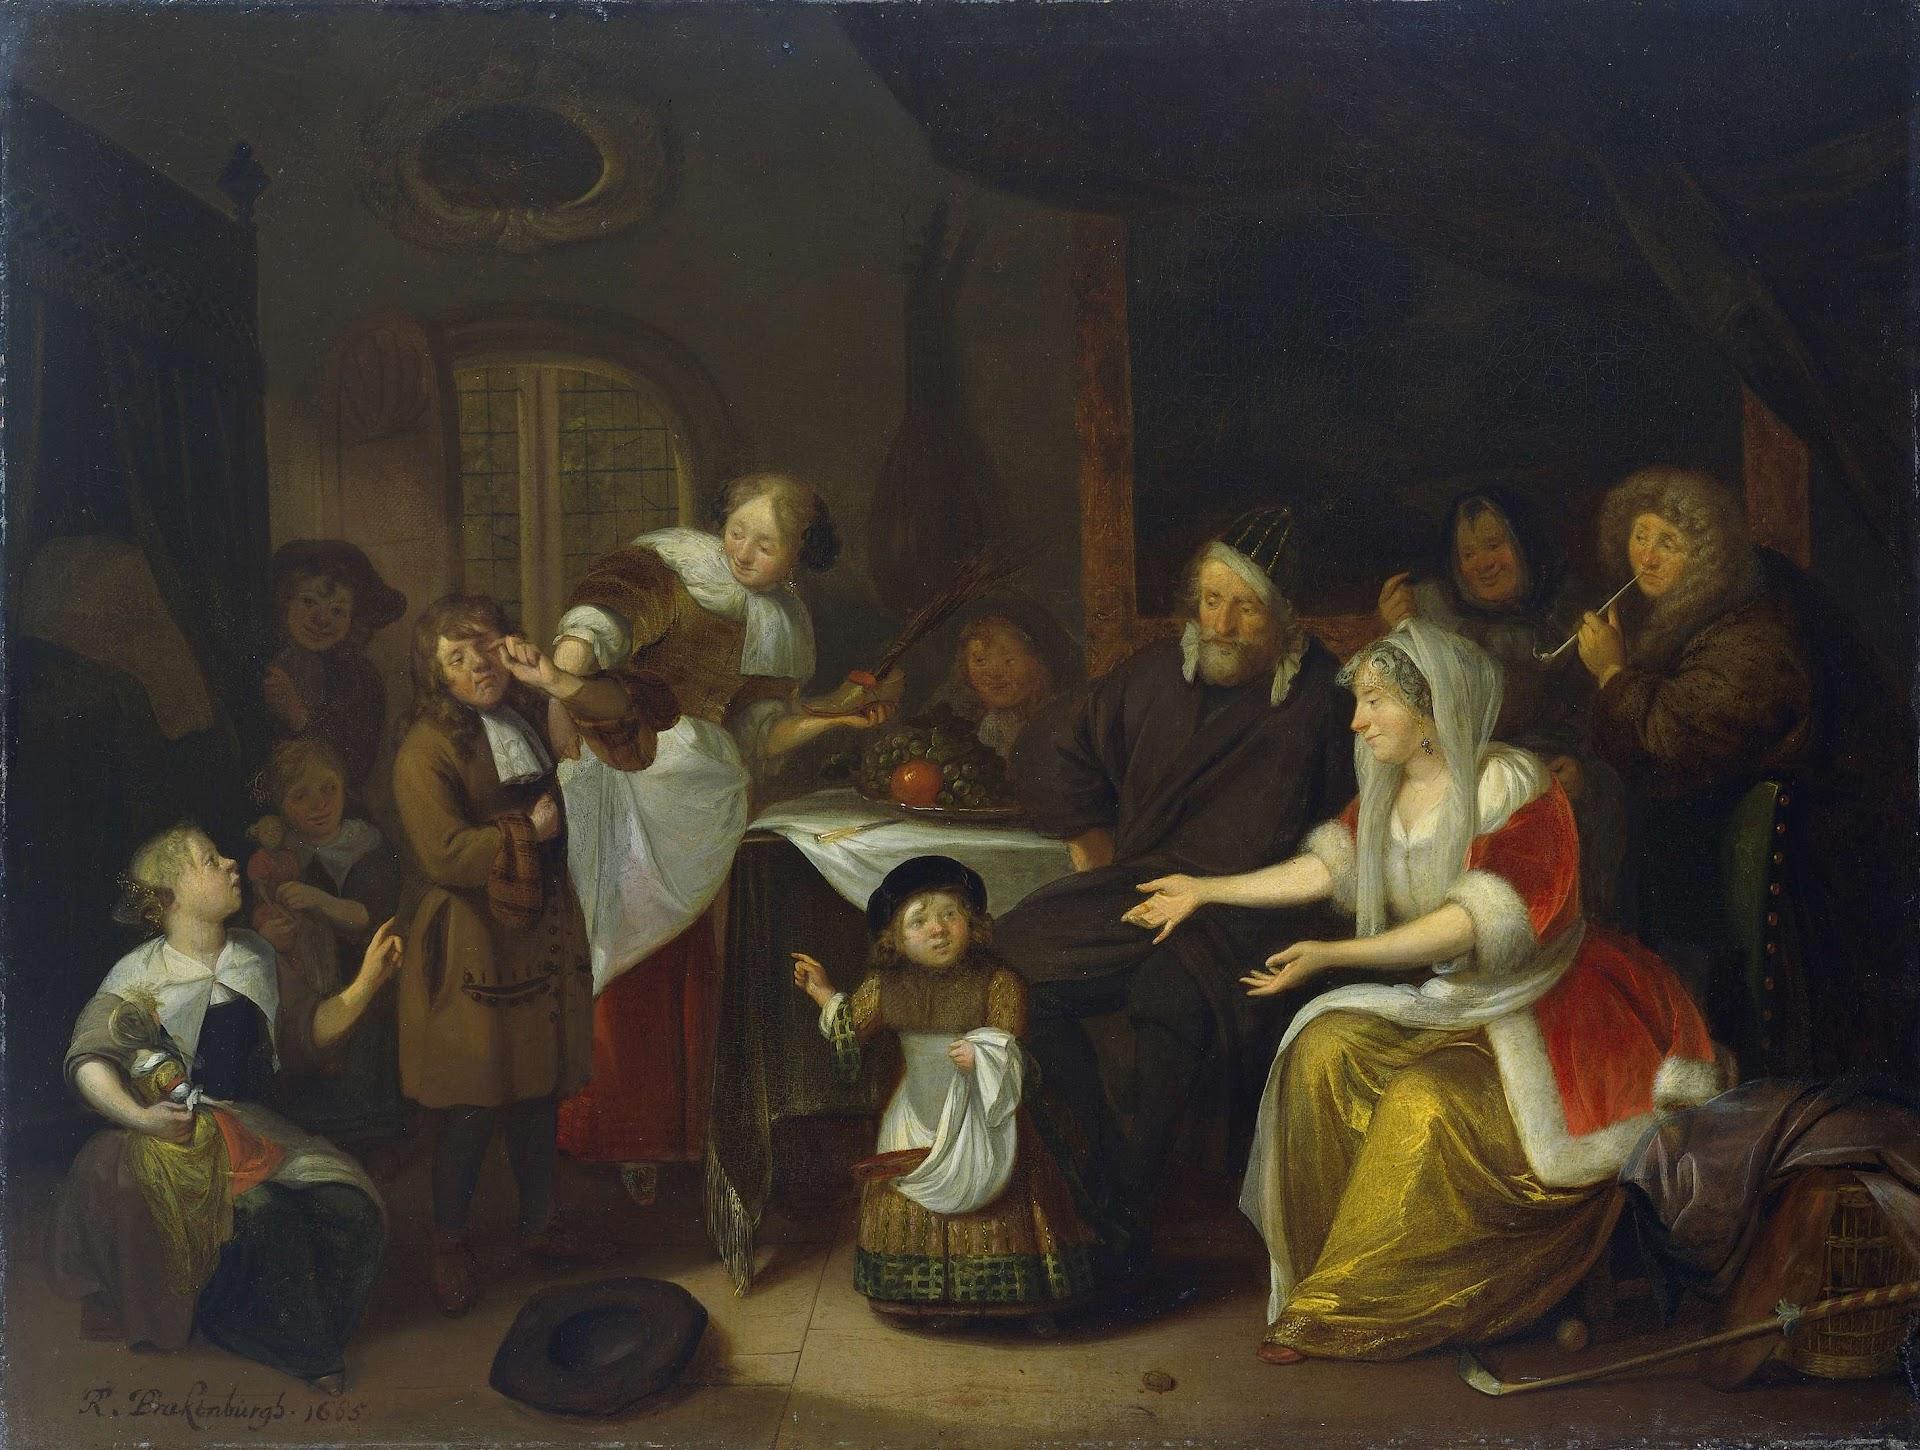 Sint Nicolaasfeest Rijksmuseum.Het Sint Nicolaasfeest Richard Brakenburg 1685 Rijksmuseum